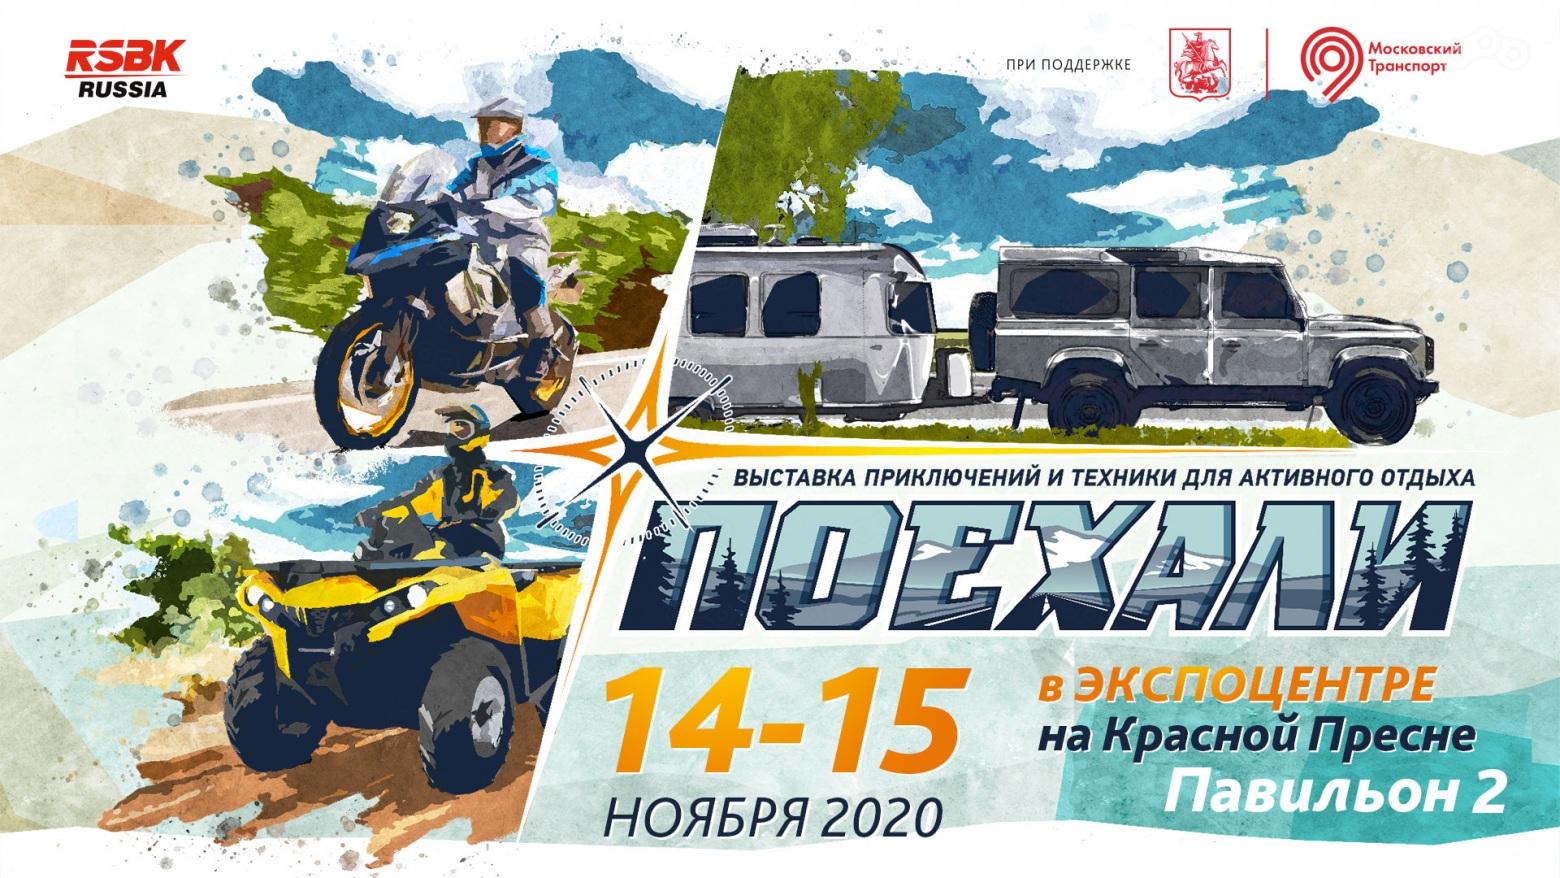 «ПОЕХАЛИ-2020» - все самое интересное 14-15 ноября